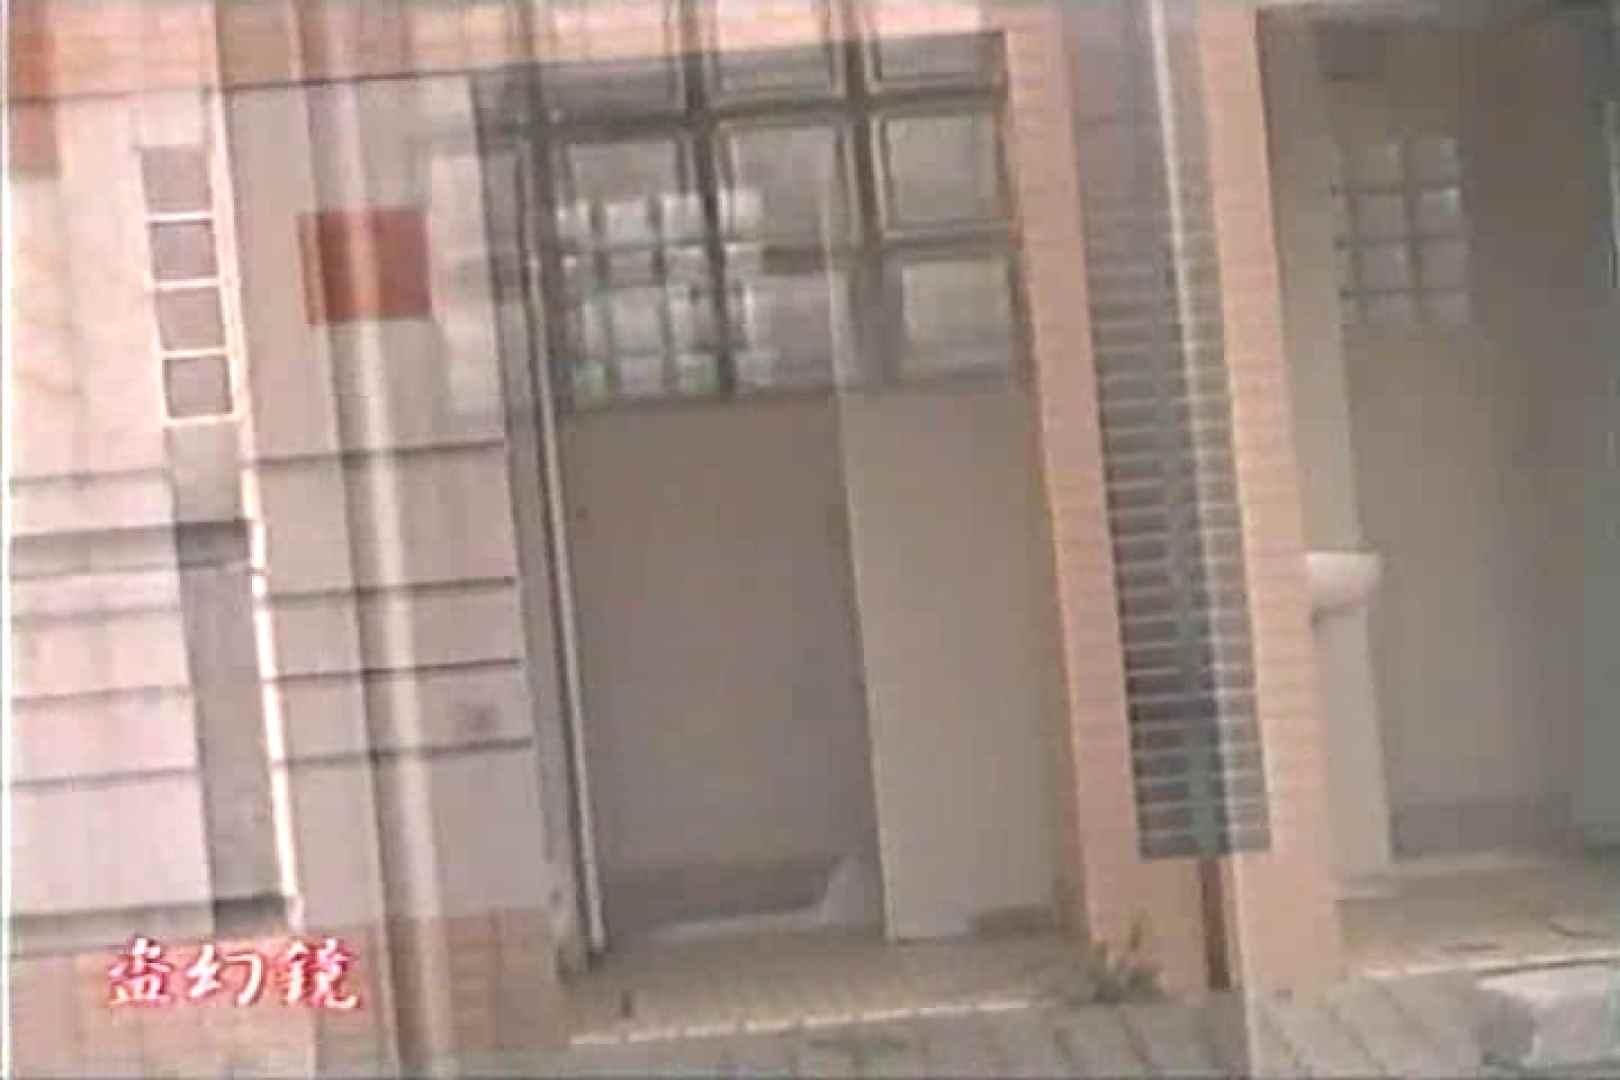 朝採り!快便臨海洗面所SFX-① 和式 覗きおまんこ画像 107画像 4